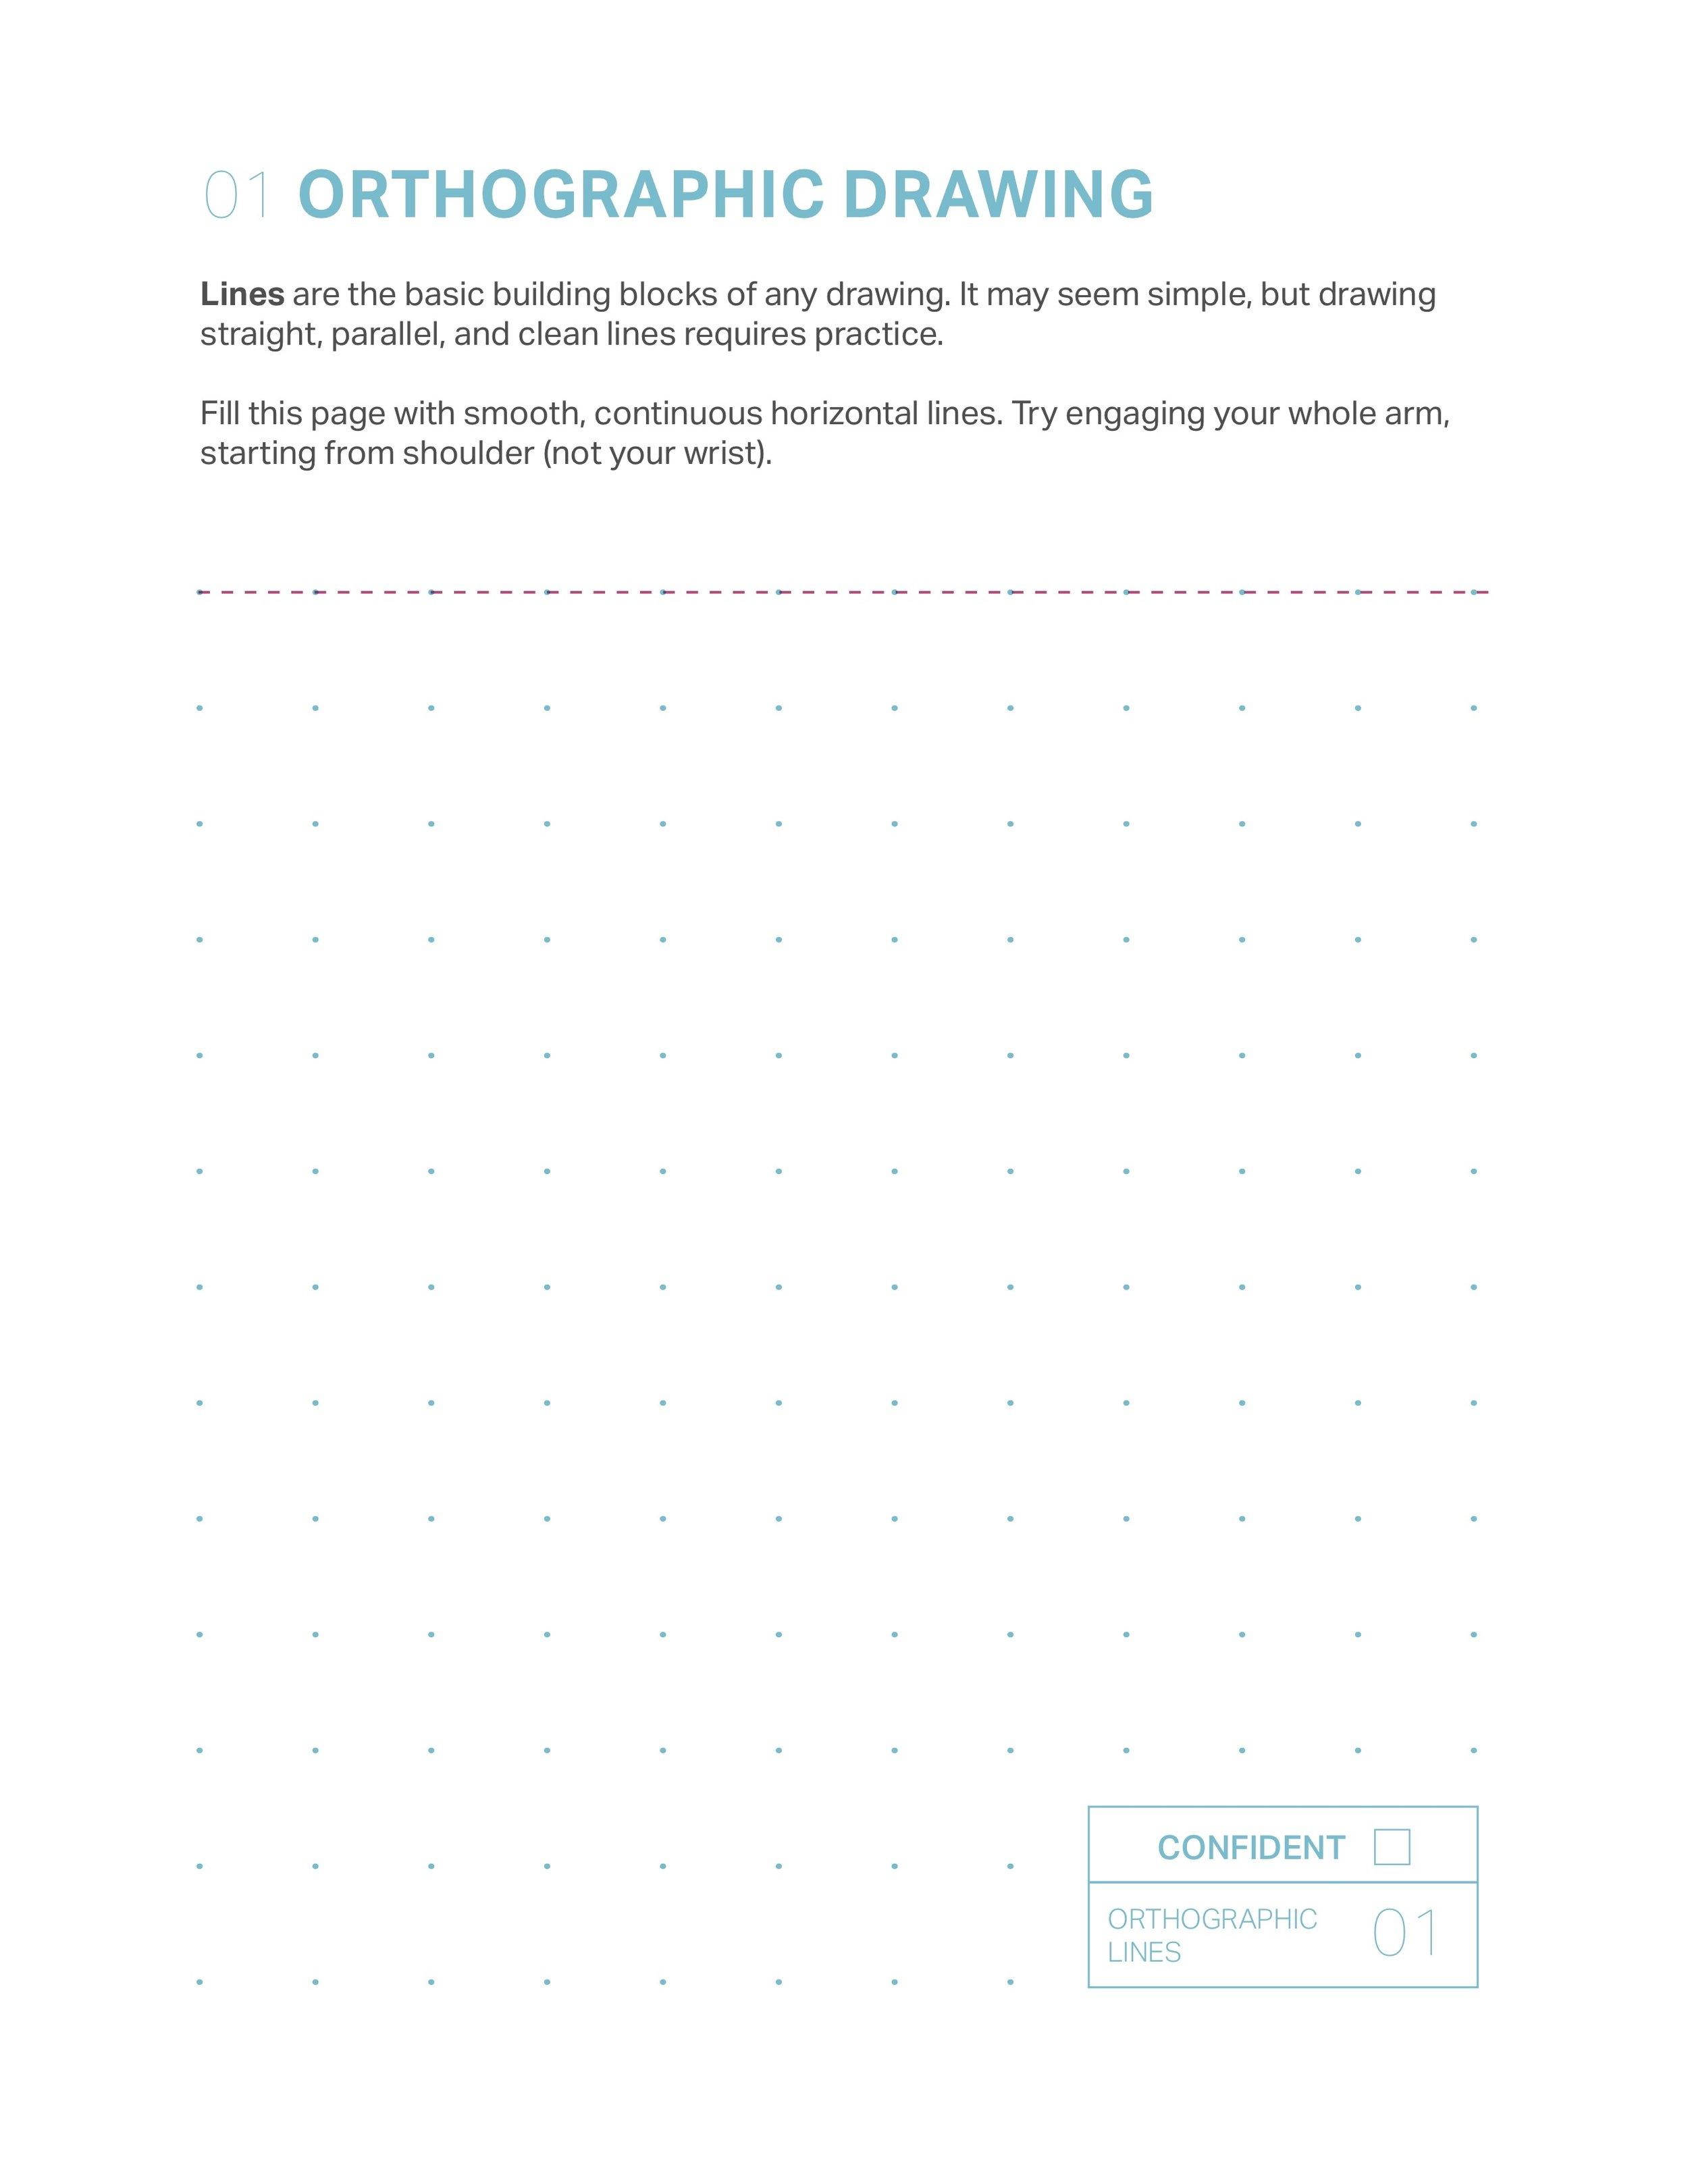 DrawingWorkshop_Workbook_07312015 (1)1.jpg